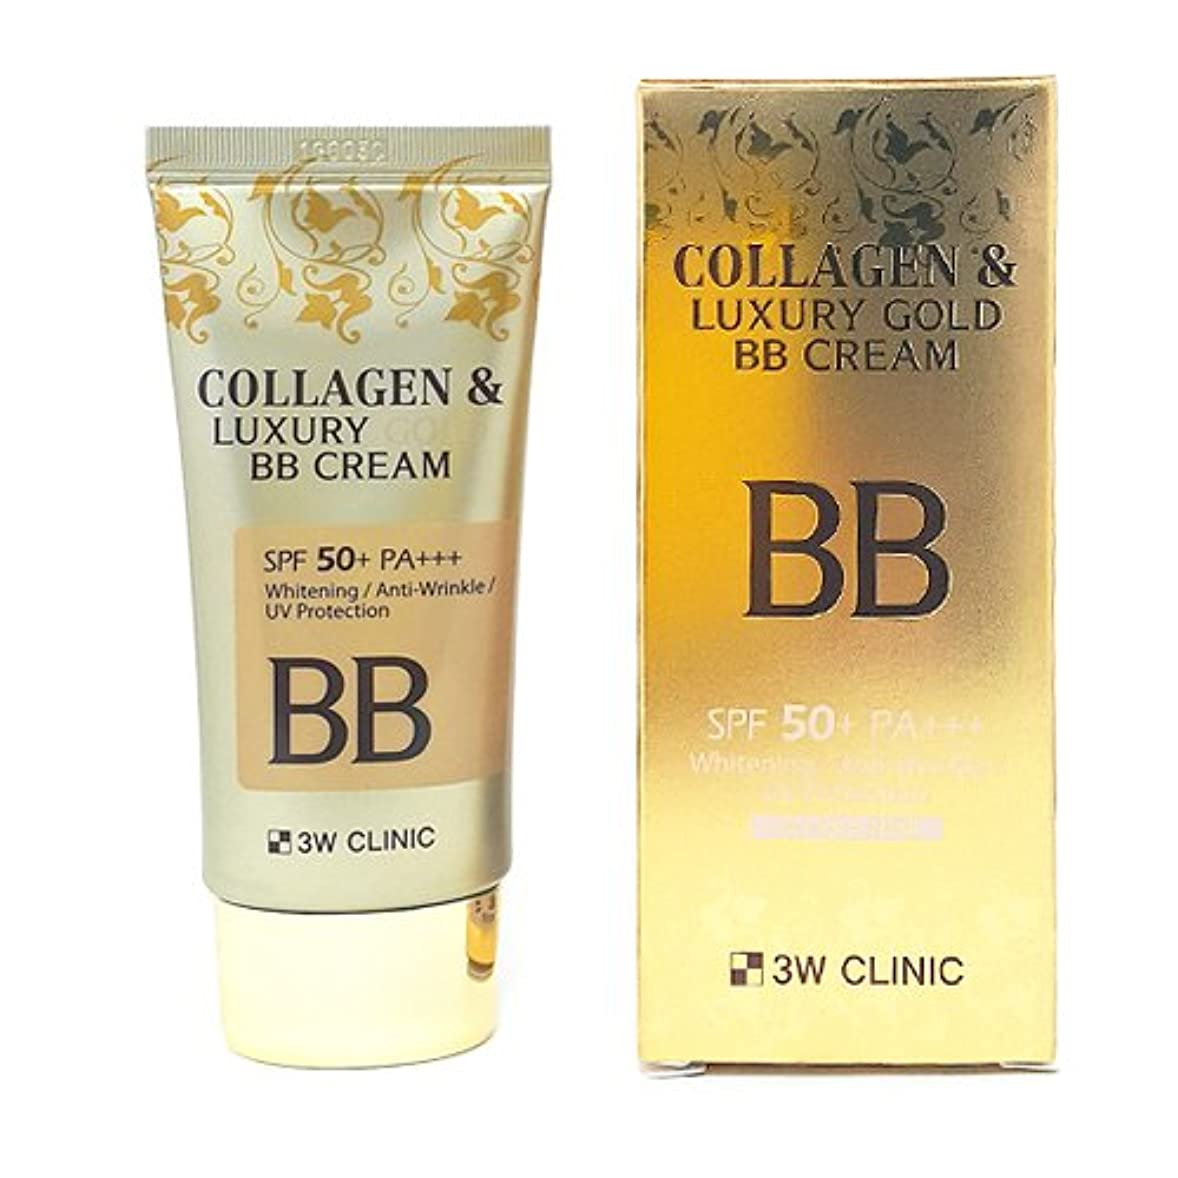 付属品ぺディカブ求人3Wクリニック[韓国コスメ3w Clinic]Collagen & Luxury Gold BB Cream コラーゲンラグジュアリーゴールド BBクリーム50ml 50+/PA+++[並行輸入品]